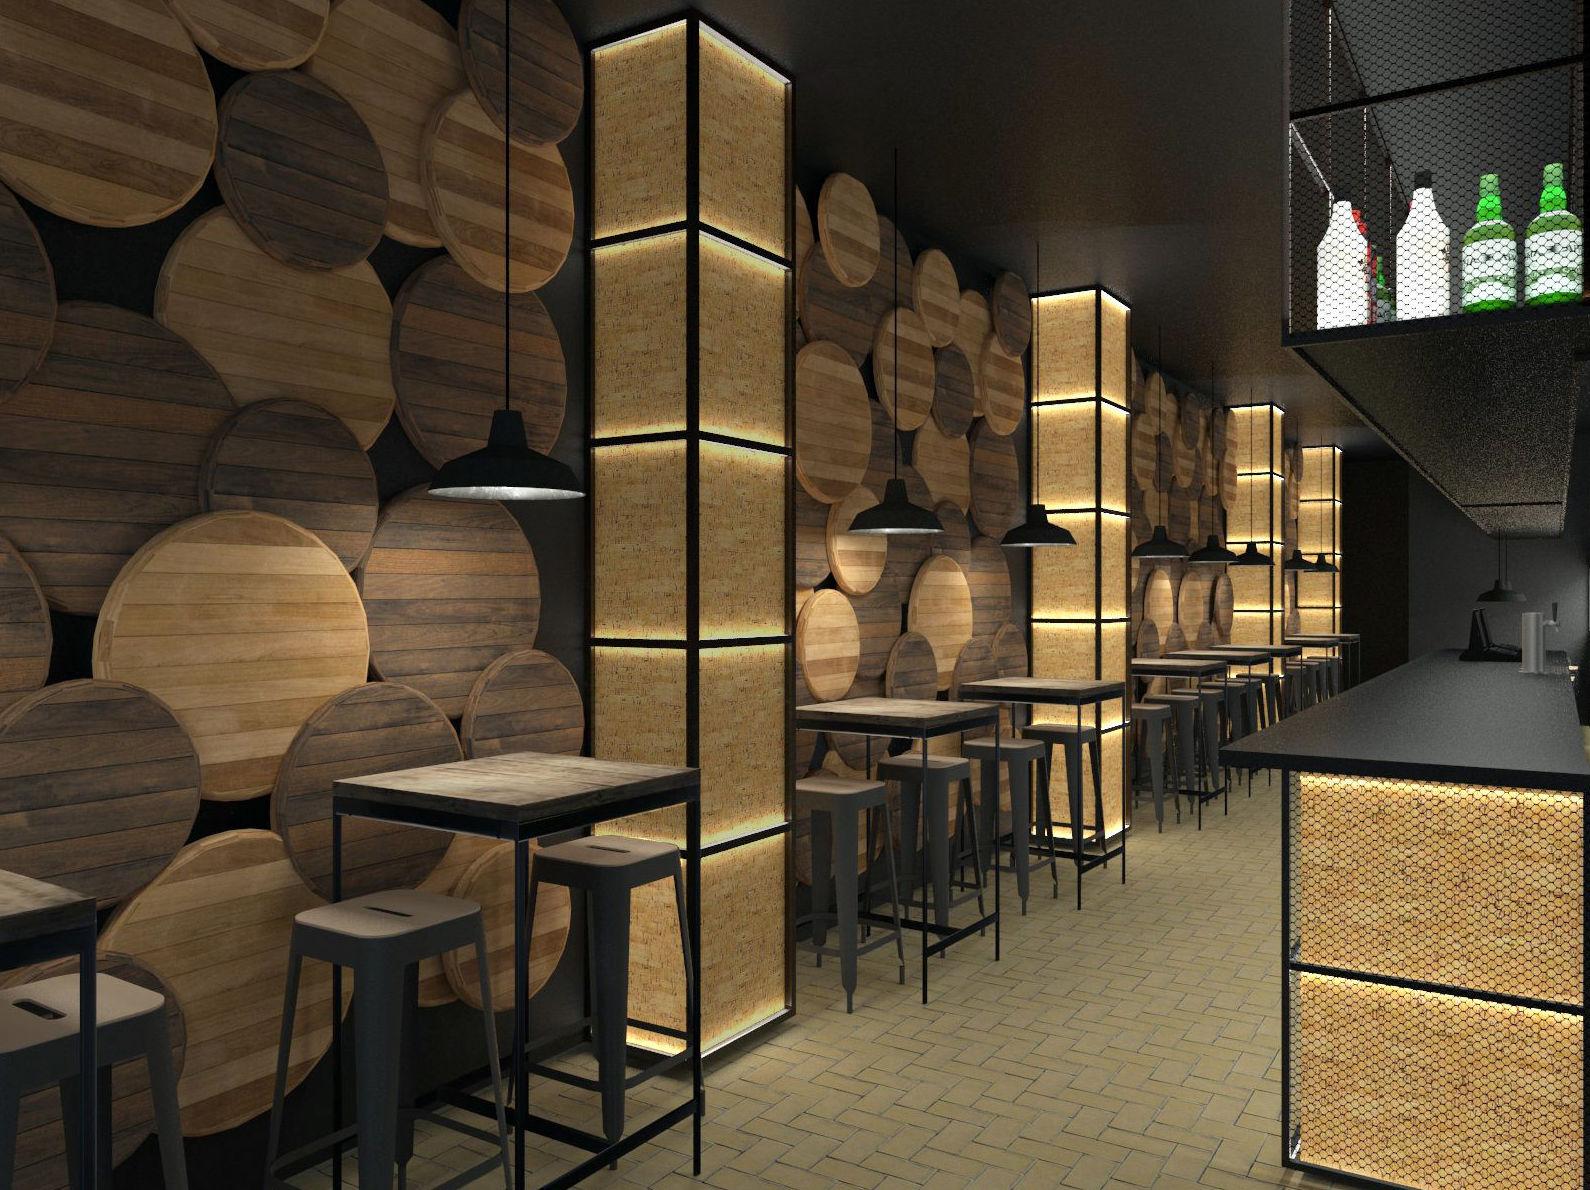 Restaurantes_Hostelería_diseño_022 estudio